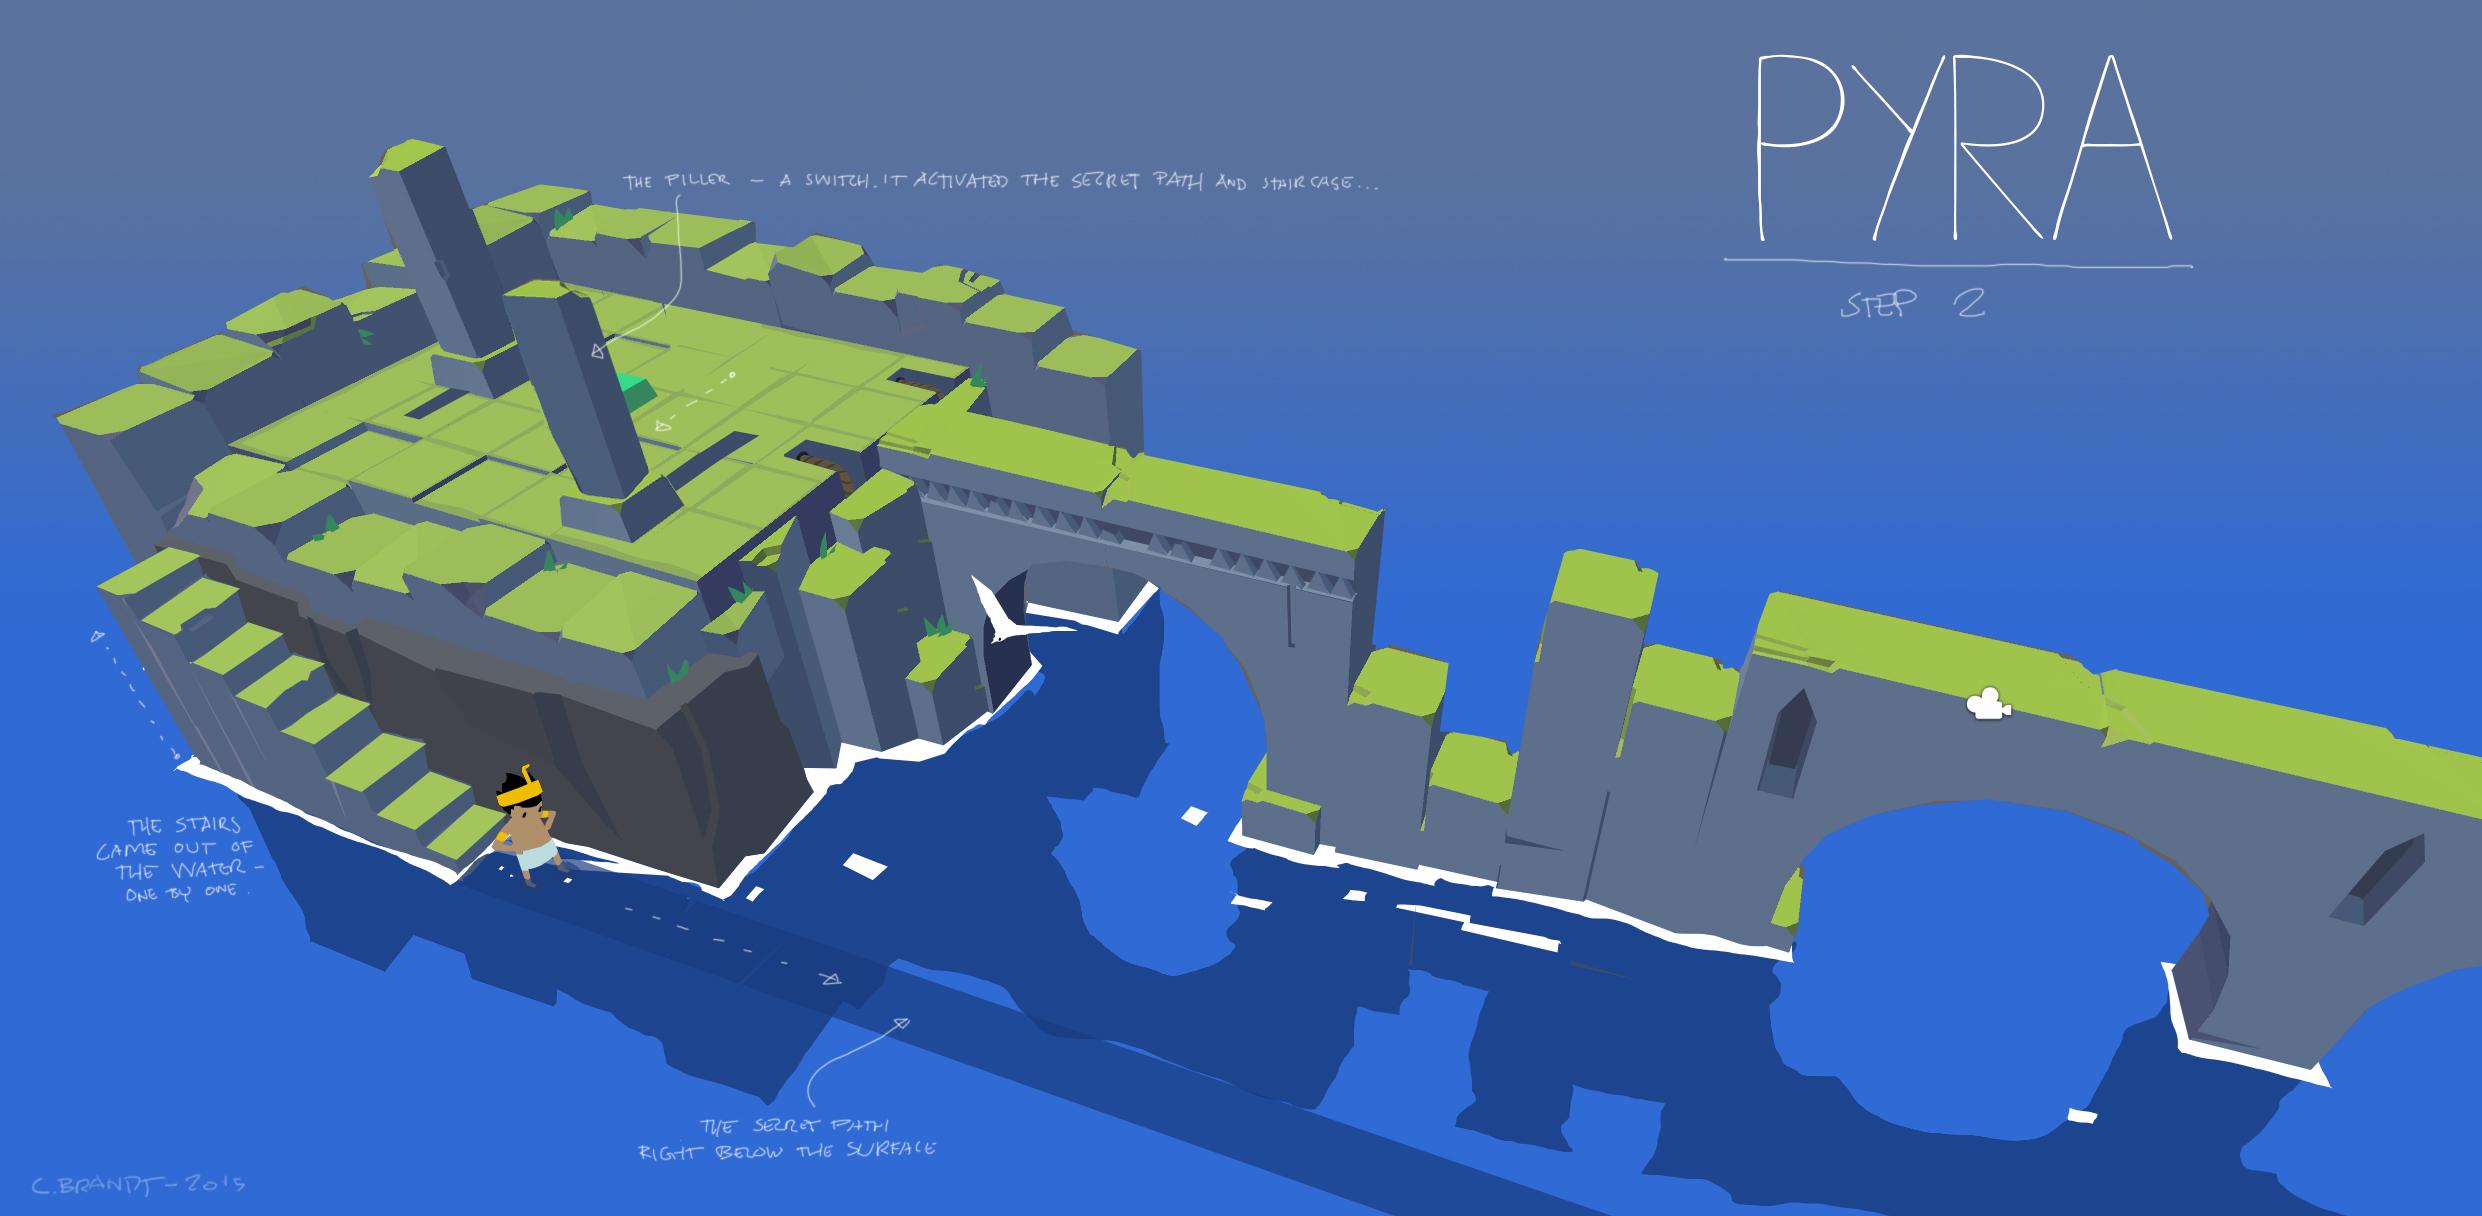 Pyra leveldesign - concept 2